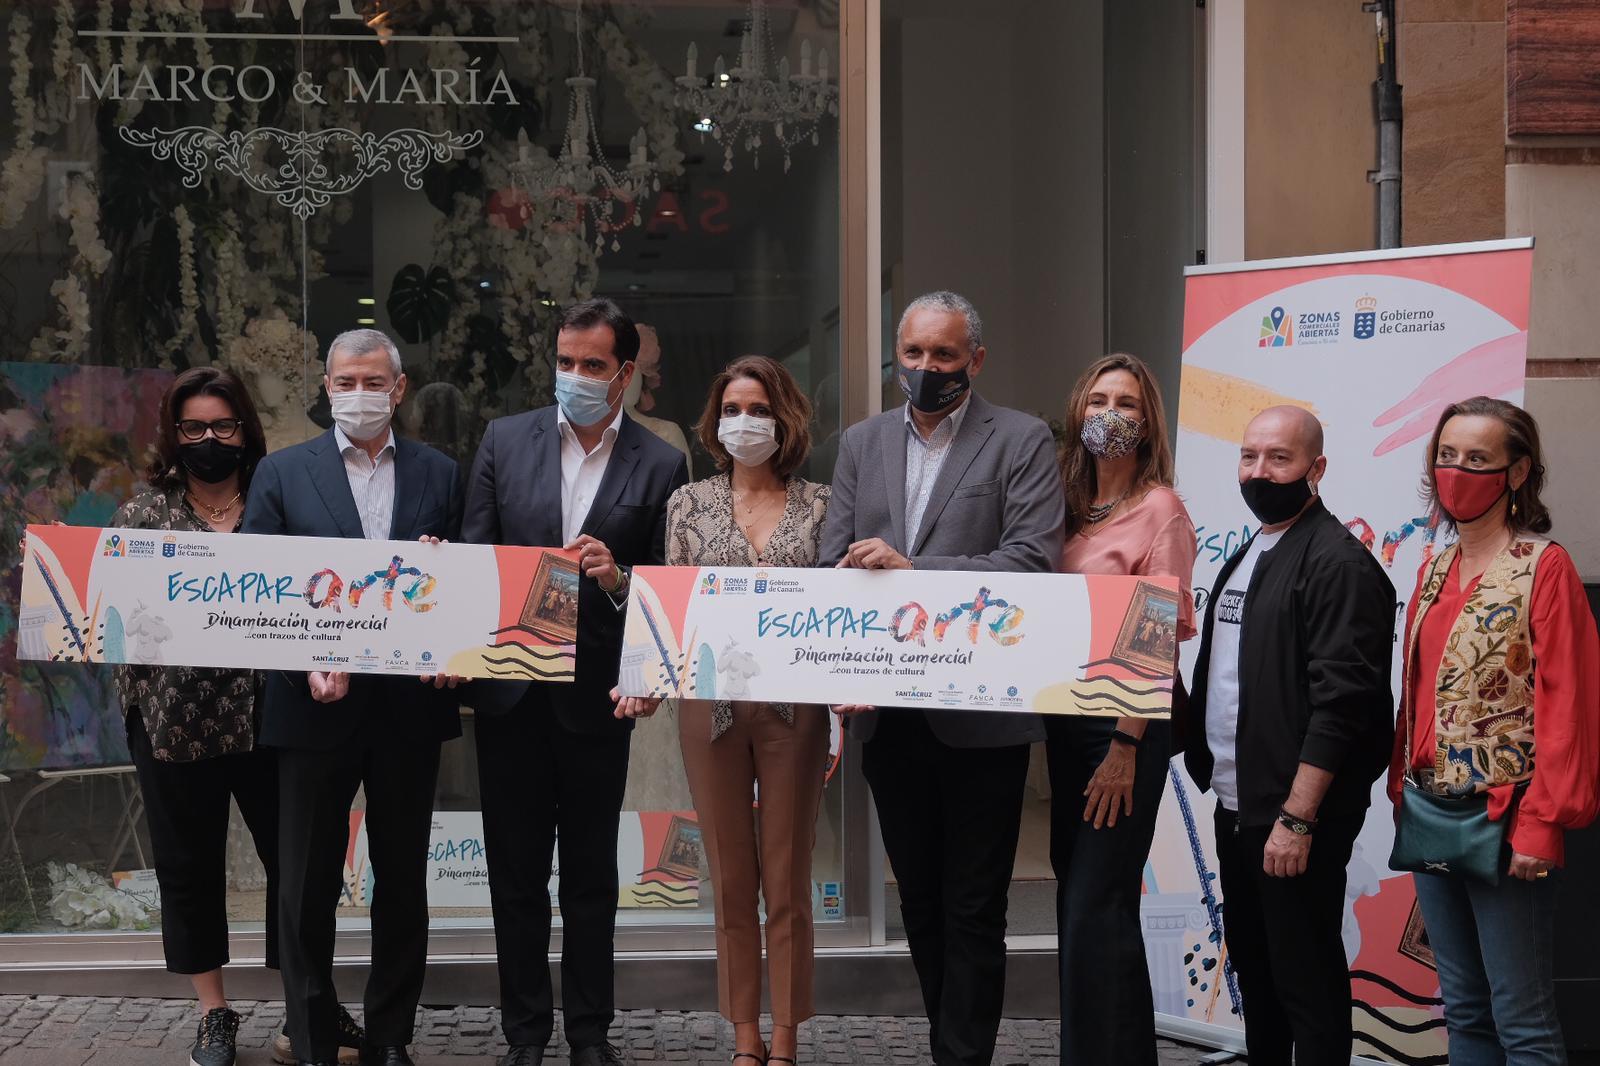 Comercio dinamiza el centro de Santa Cruz de Tenerife / CanariasNoticia.es